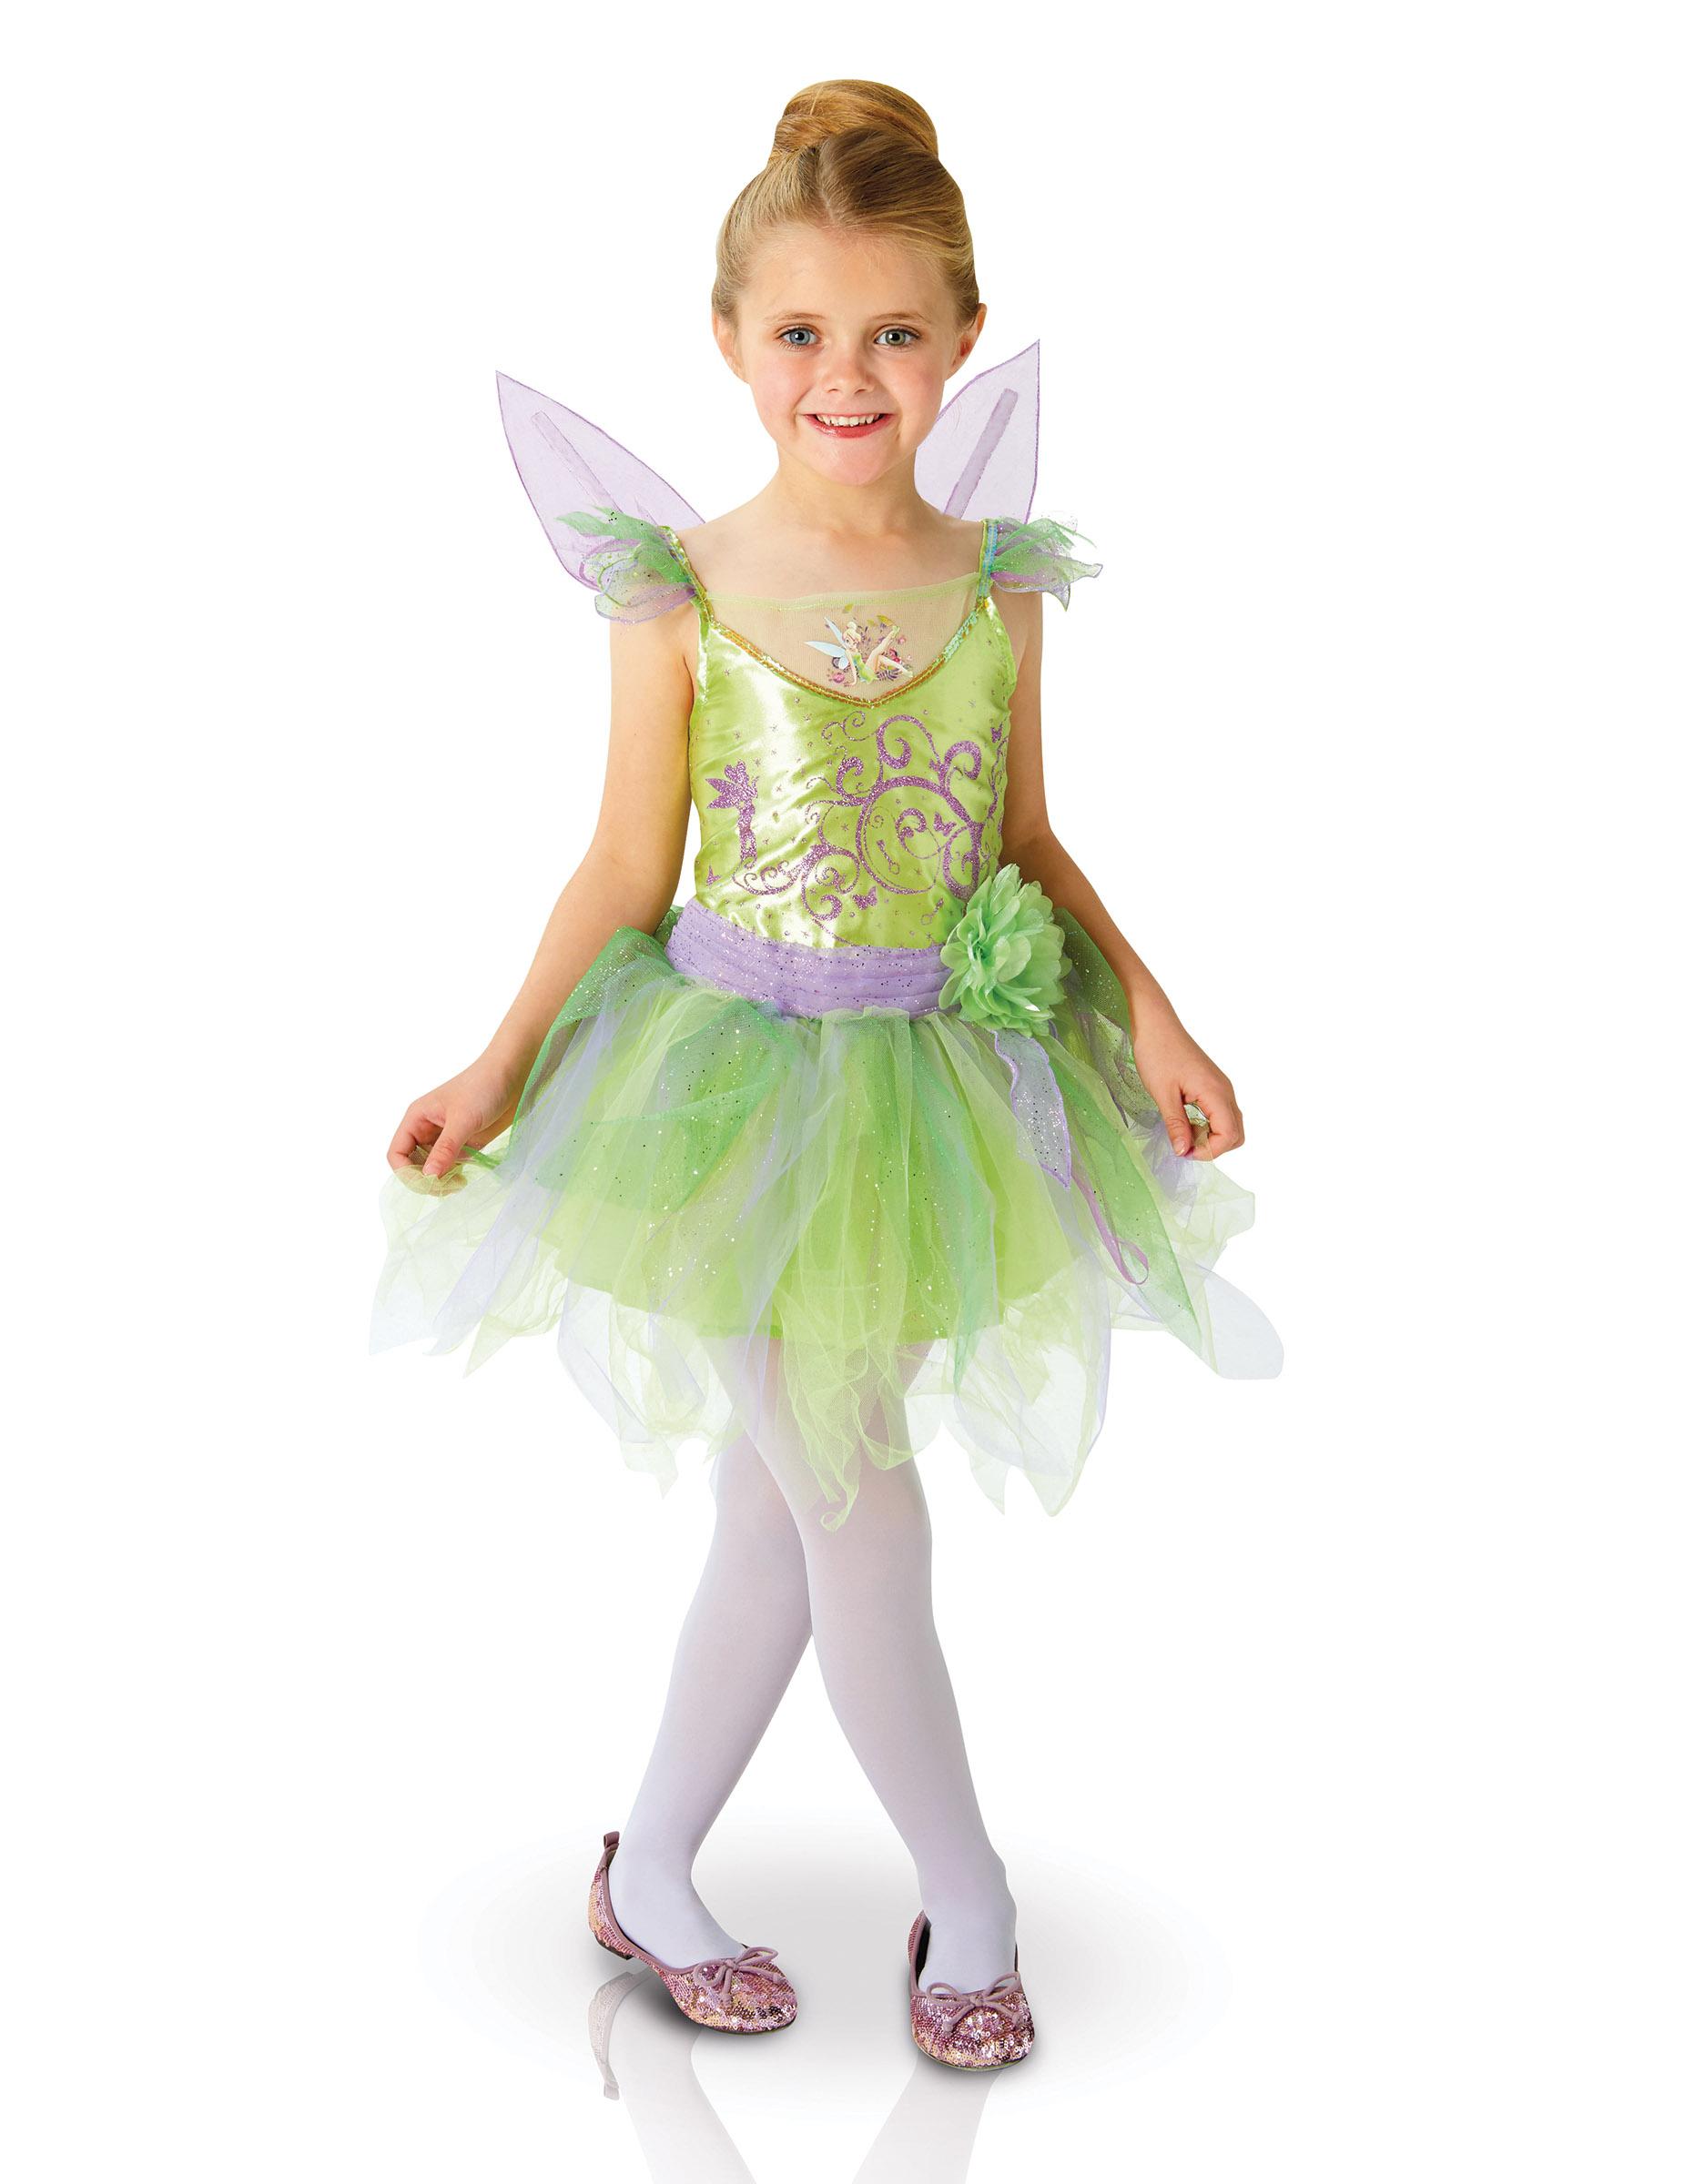 f7a51667d21 Kostume luksus Klokkeblomst™ til piger, køb Kostumer til børn på ...